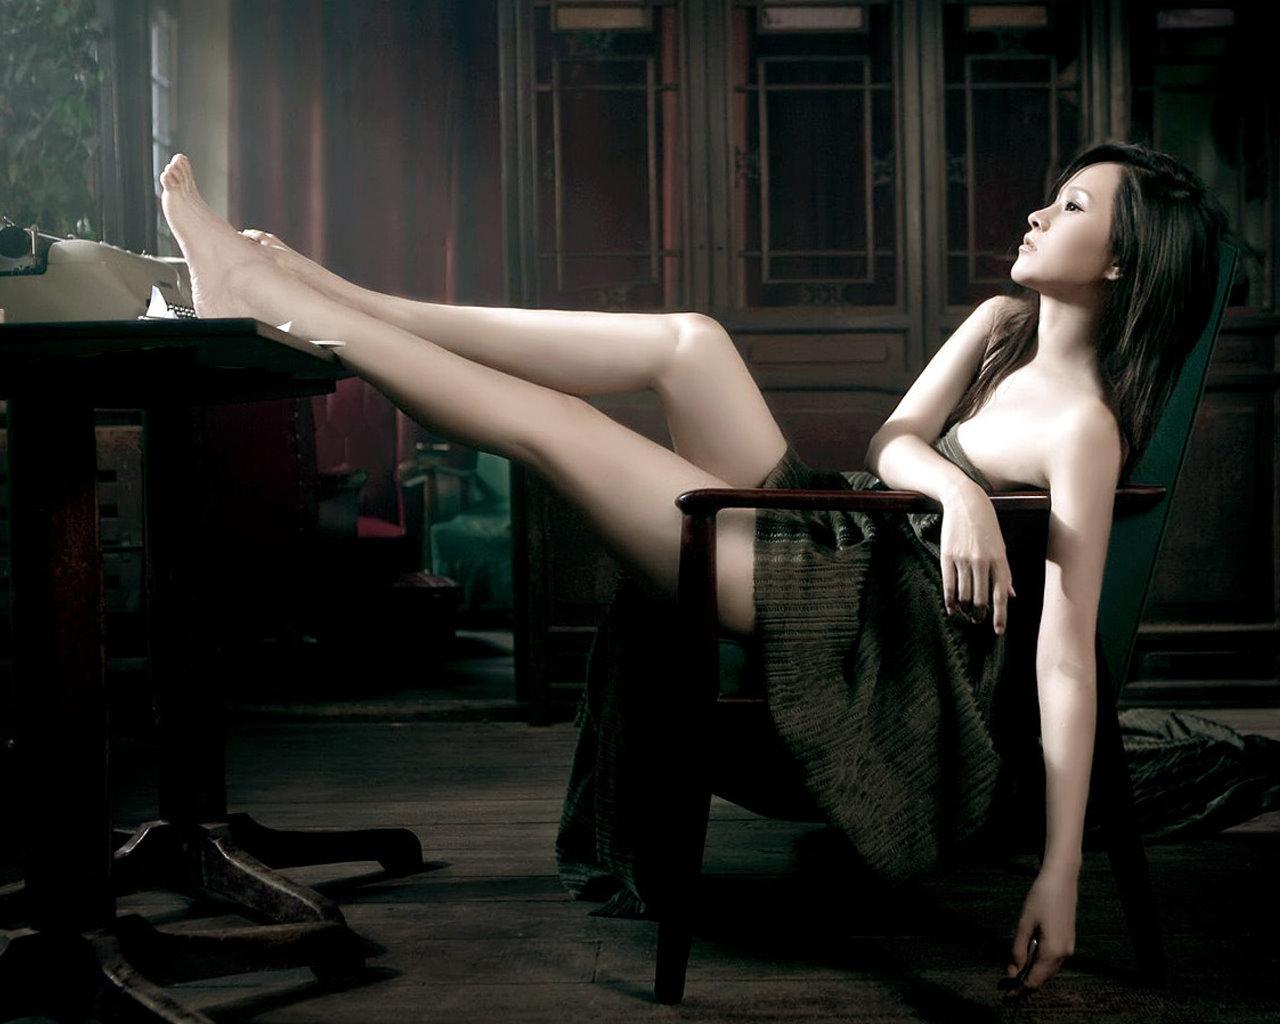 http://3.bp.blogspot.com/-n6B3ovIqA0I/T3KJUSVXAlI/AAAAAAAAGUE/lnRe9d2uTMA/s1600/Foto-Annie-Yi-39.jpg